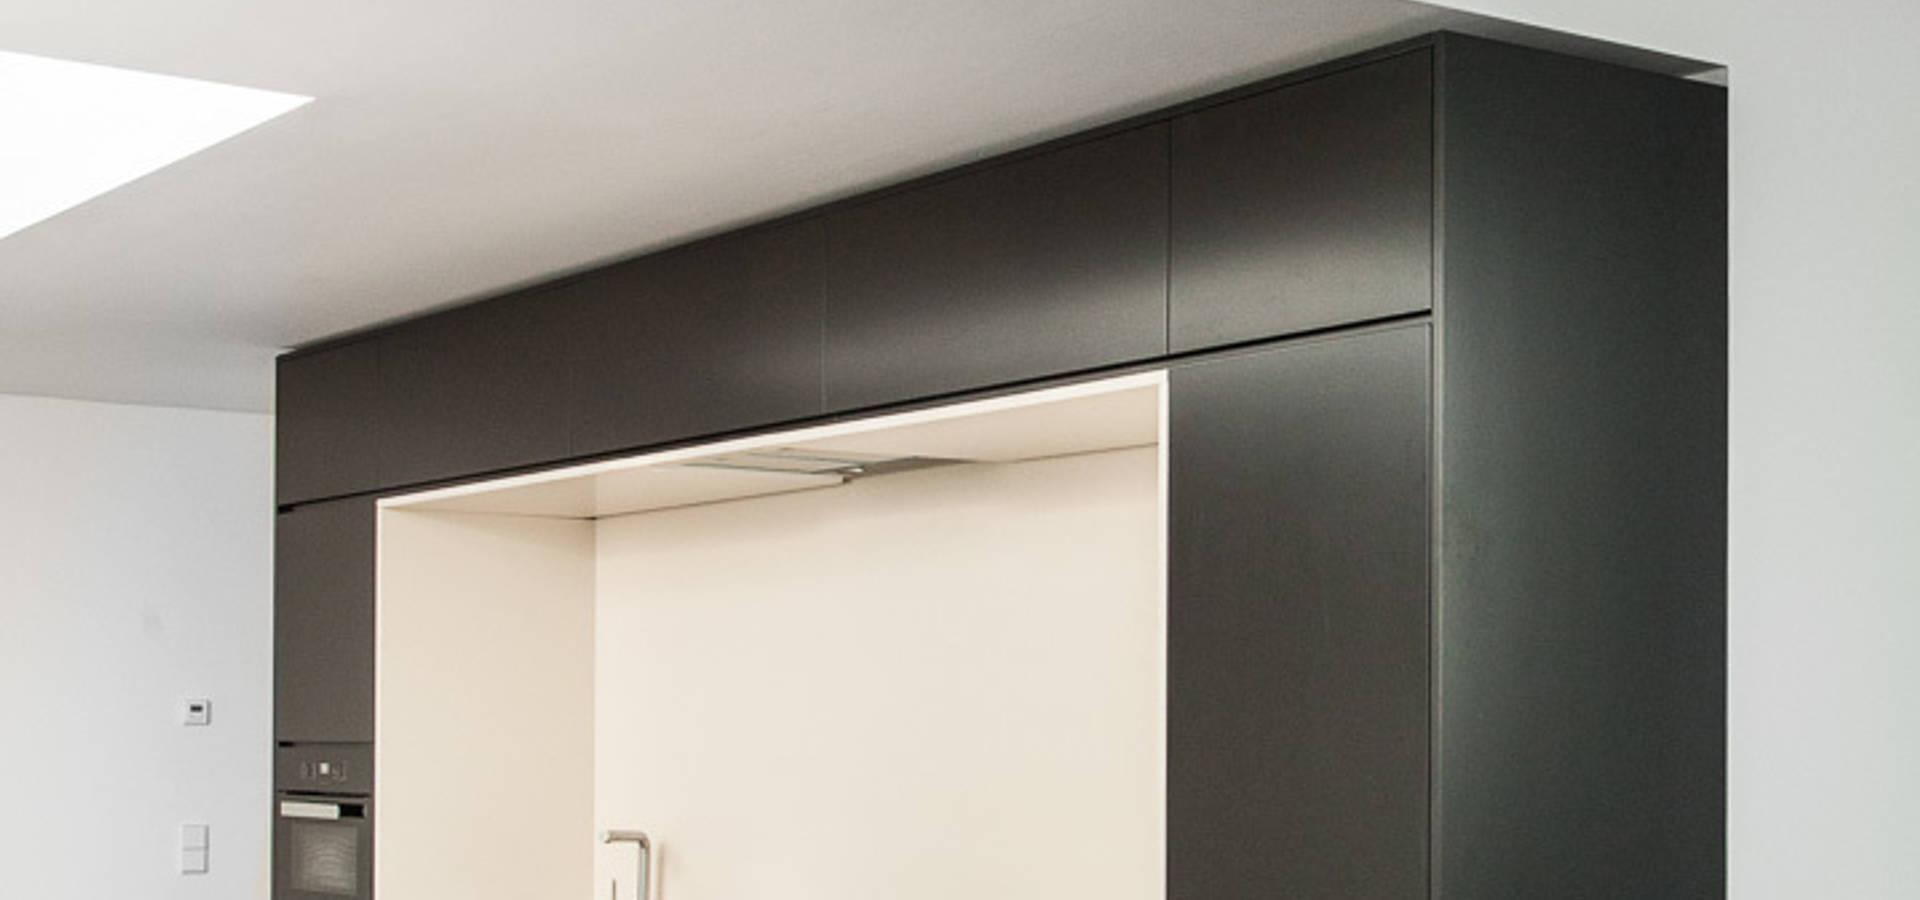 tischler benjamin scherz tischler in berlin homify. Black Bedroom Furniture Sets. Home Design Ideas